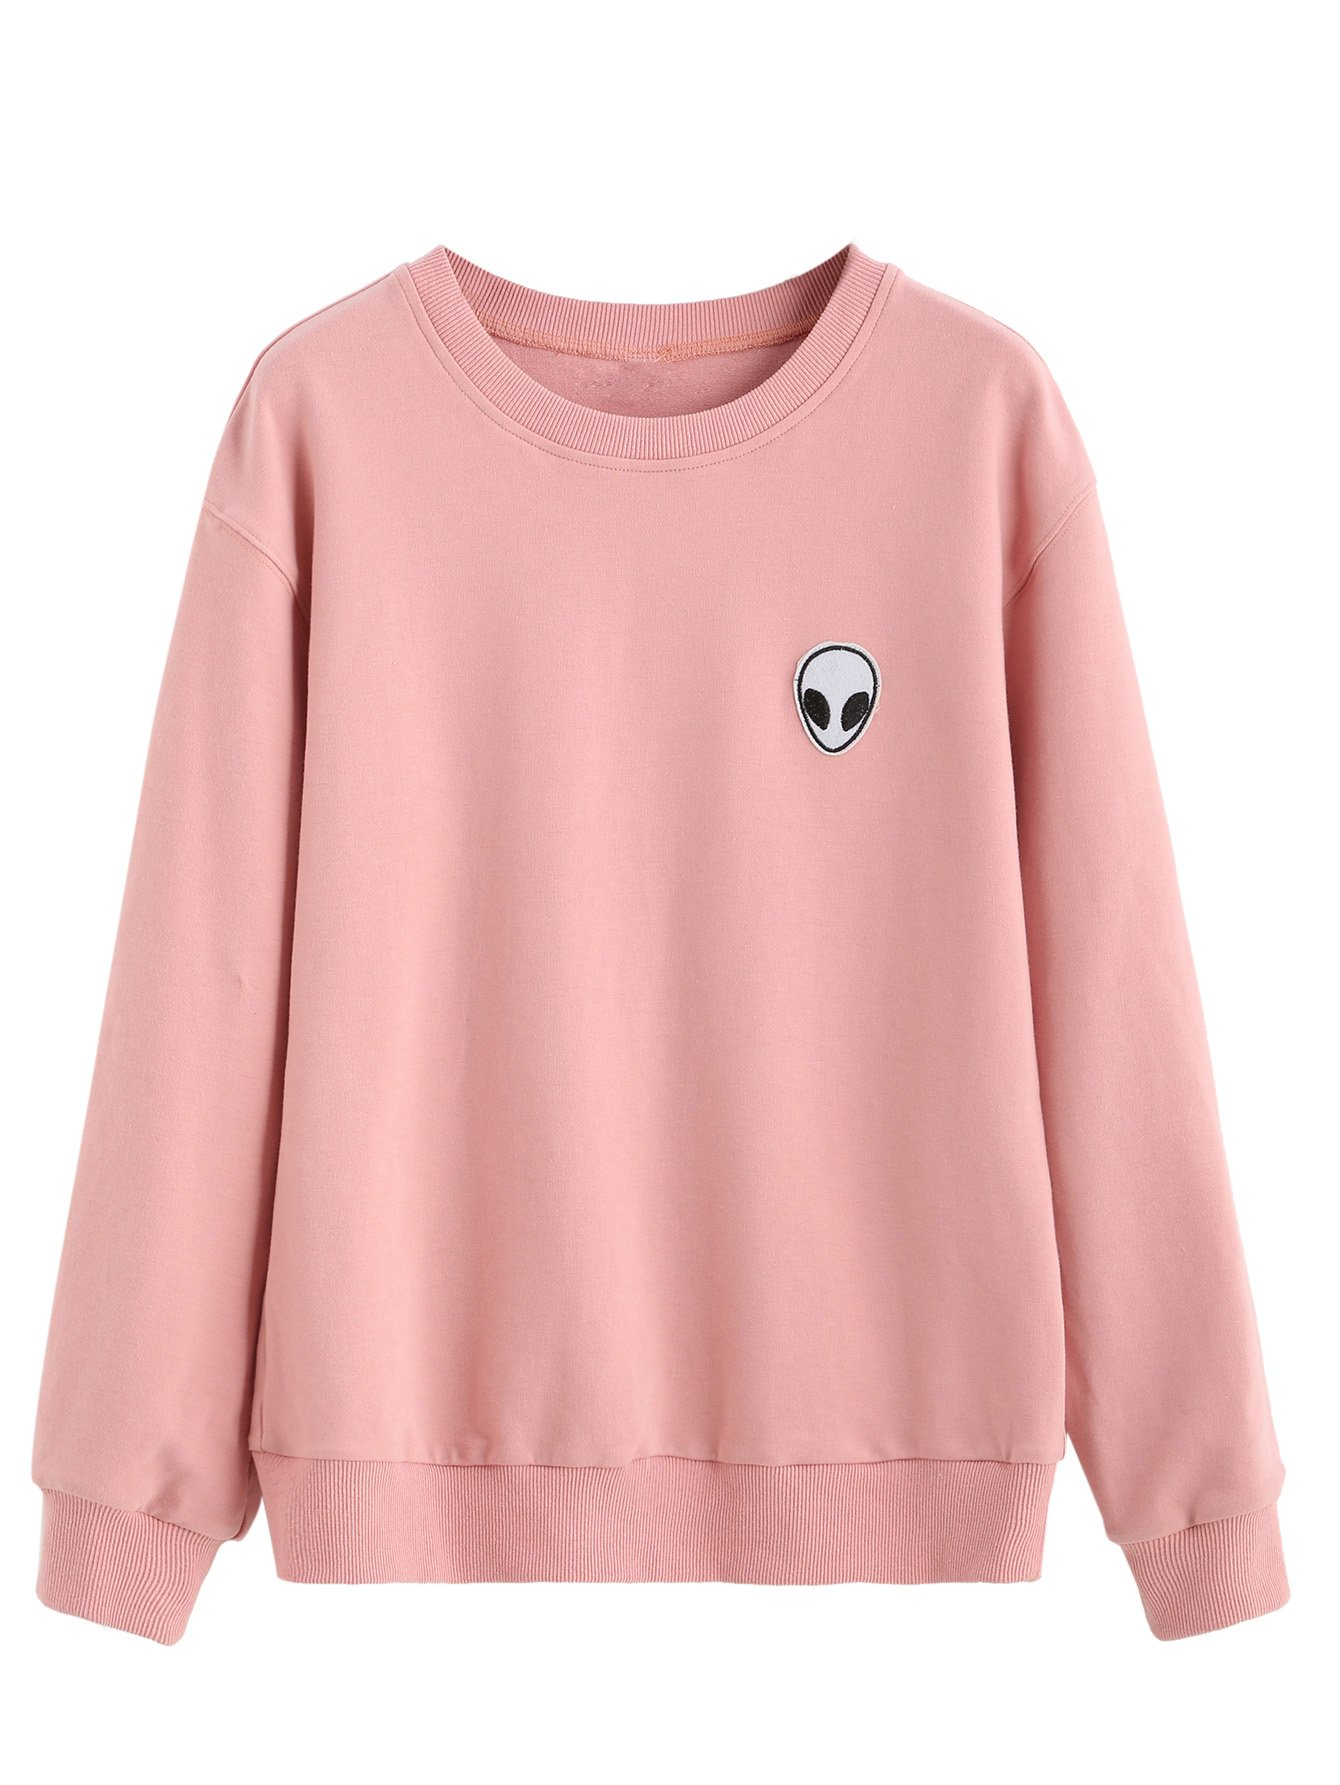 SweatyRocks Womens Casual Long Sleeve Pullover Sweatshirt Alien Patch Shirt Tops L